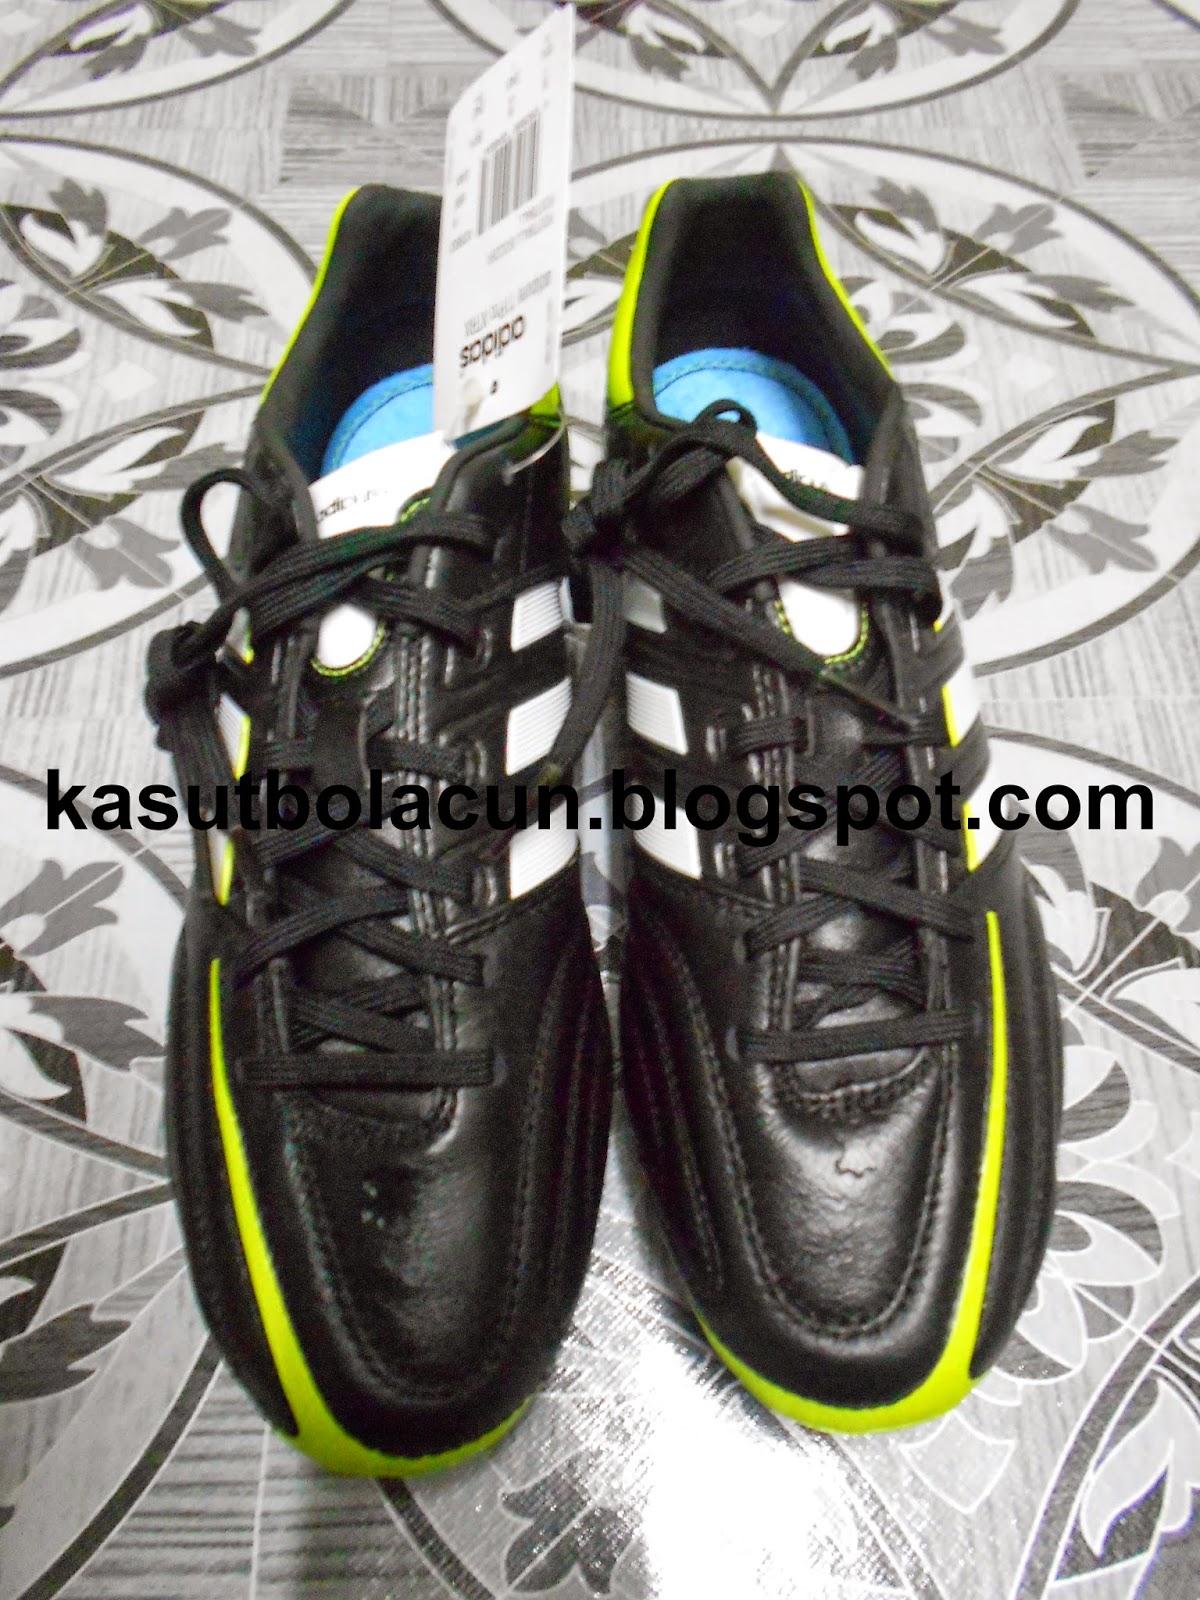 Adidas Adipure 11pro SG